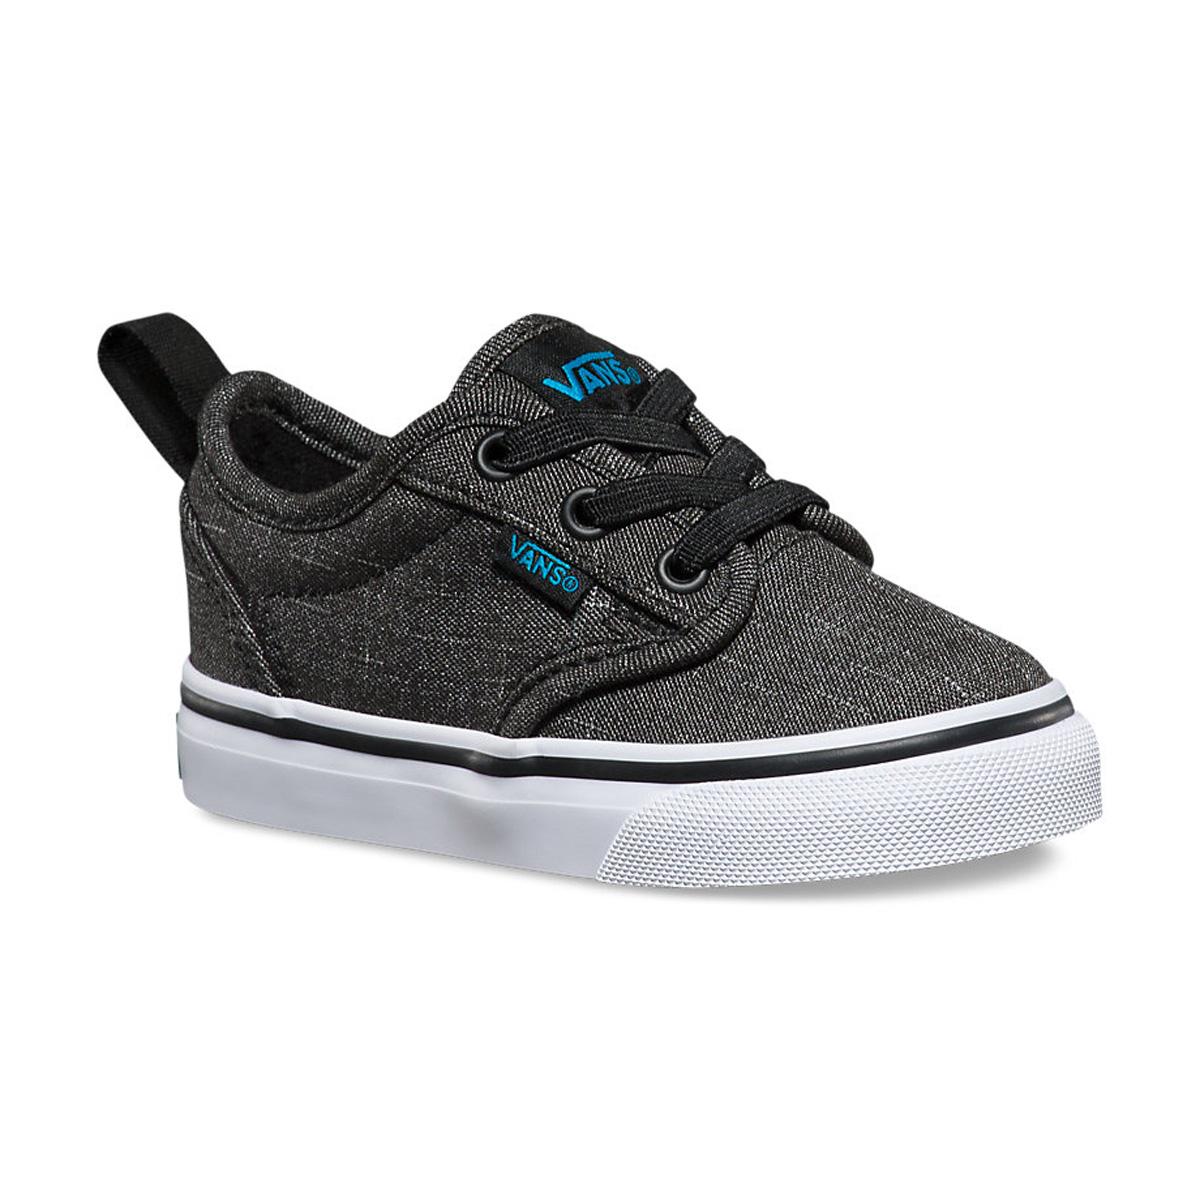 35ec1eaf707 Sentinel Vans Toddlers Shoes - Atwood Slip-on (Textile) Black Hawaiian  Ocean